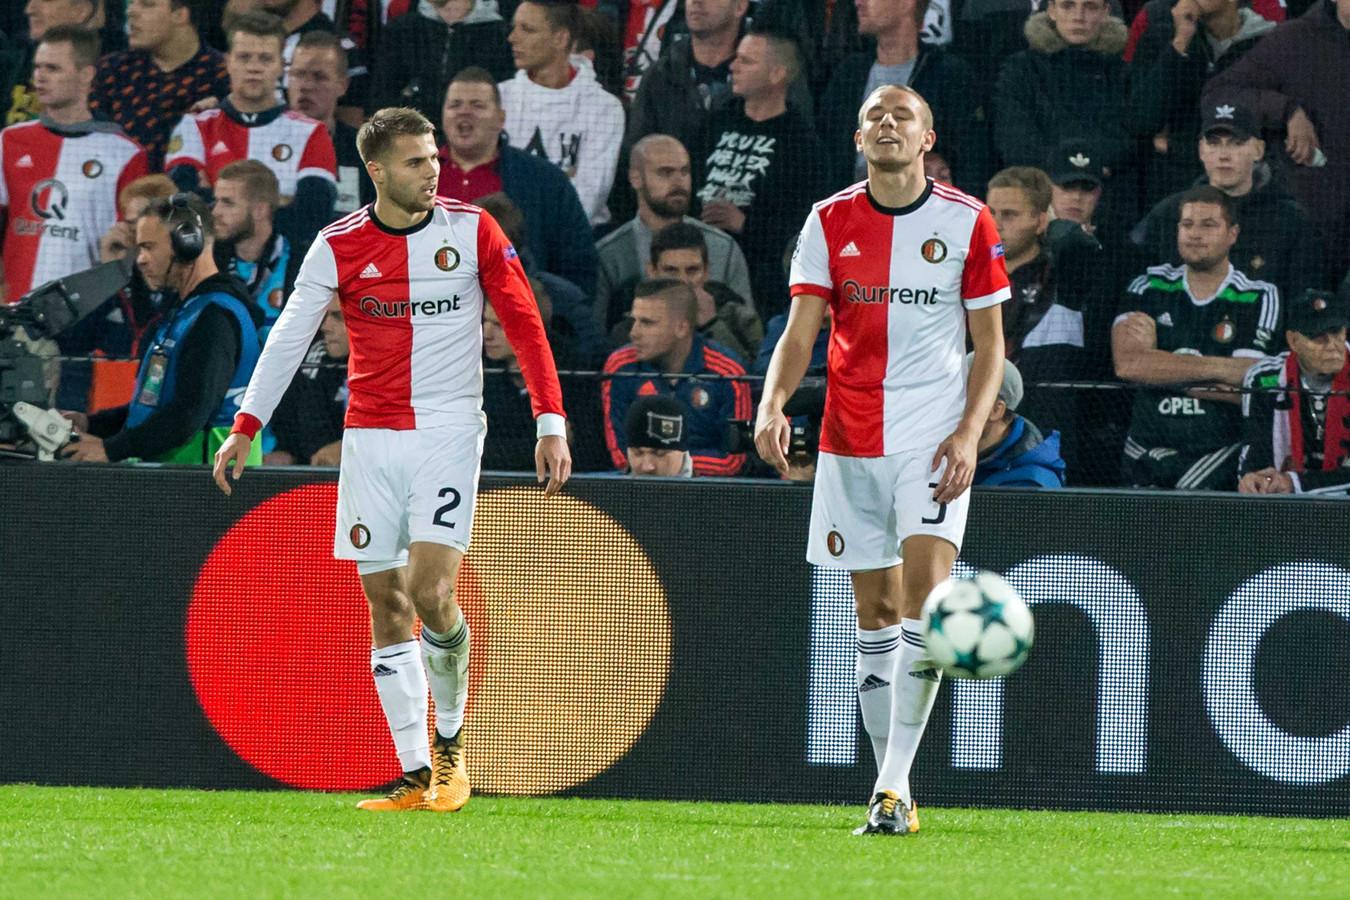 Bart Nieuwkoop (l) en Sven van Beek balen na een tegendoelpunt in de thuiswedstrijd tegen Sjachtar Donetsk. Beiden zijn inmiddels weer fit